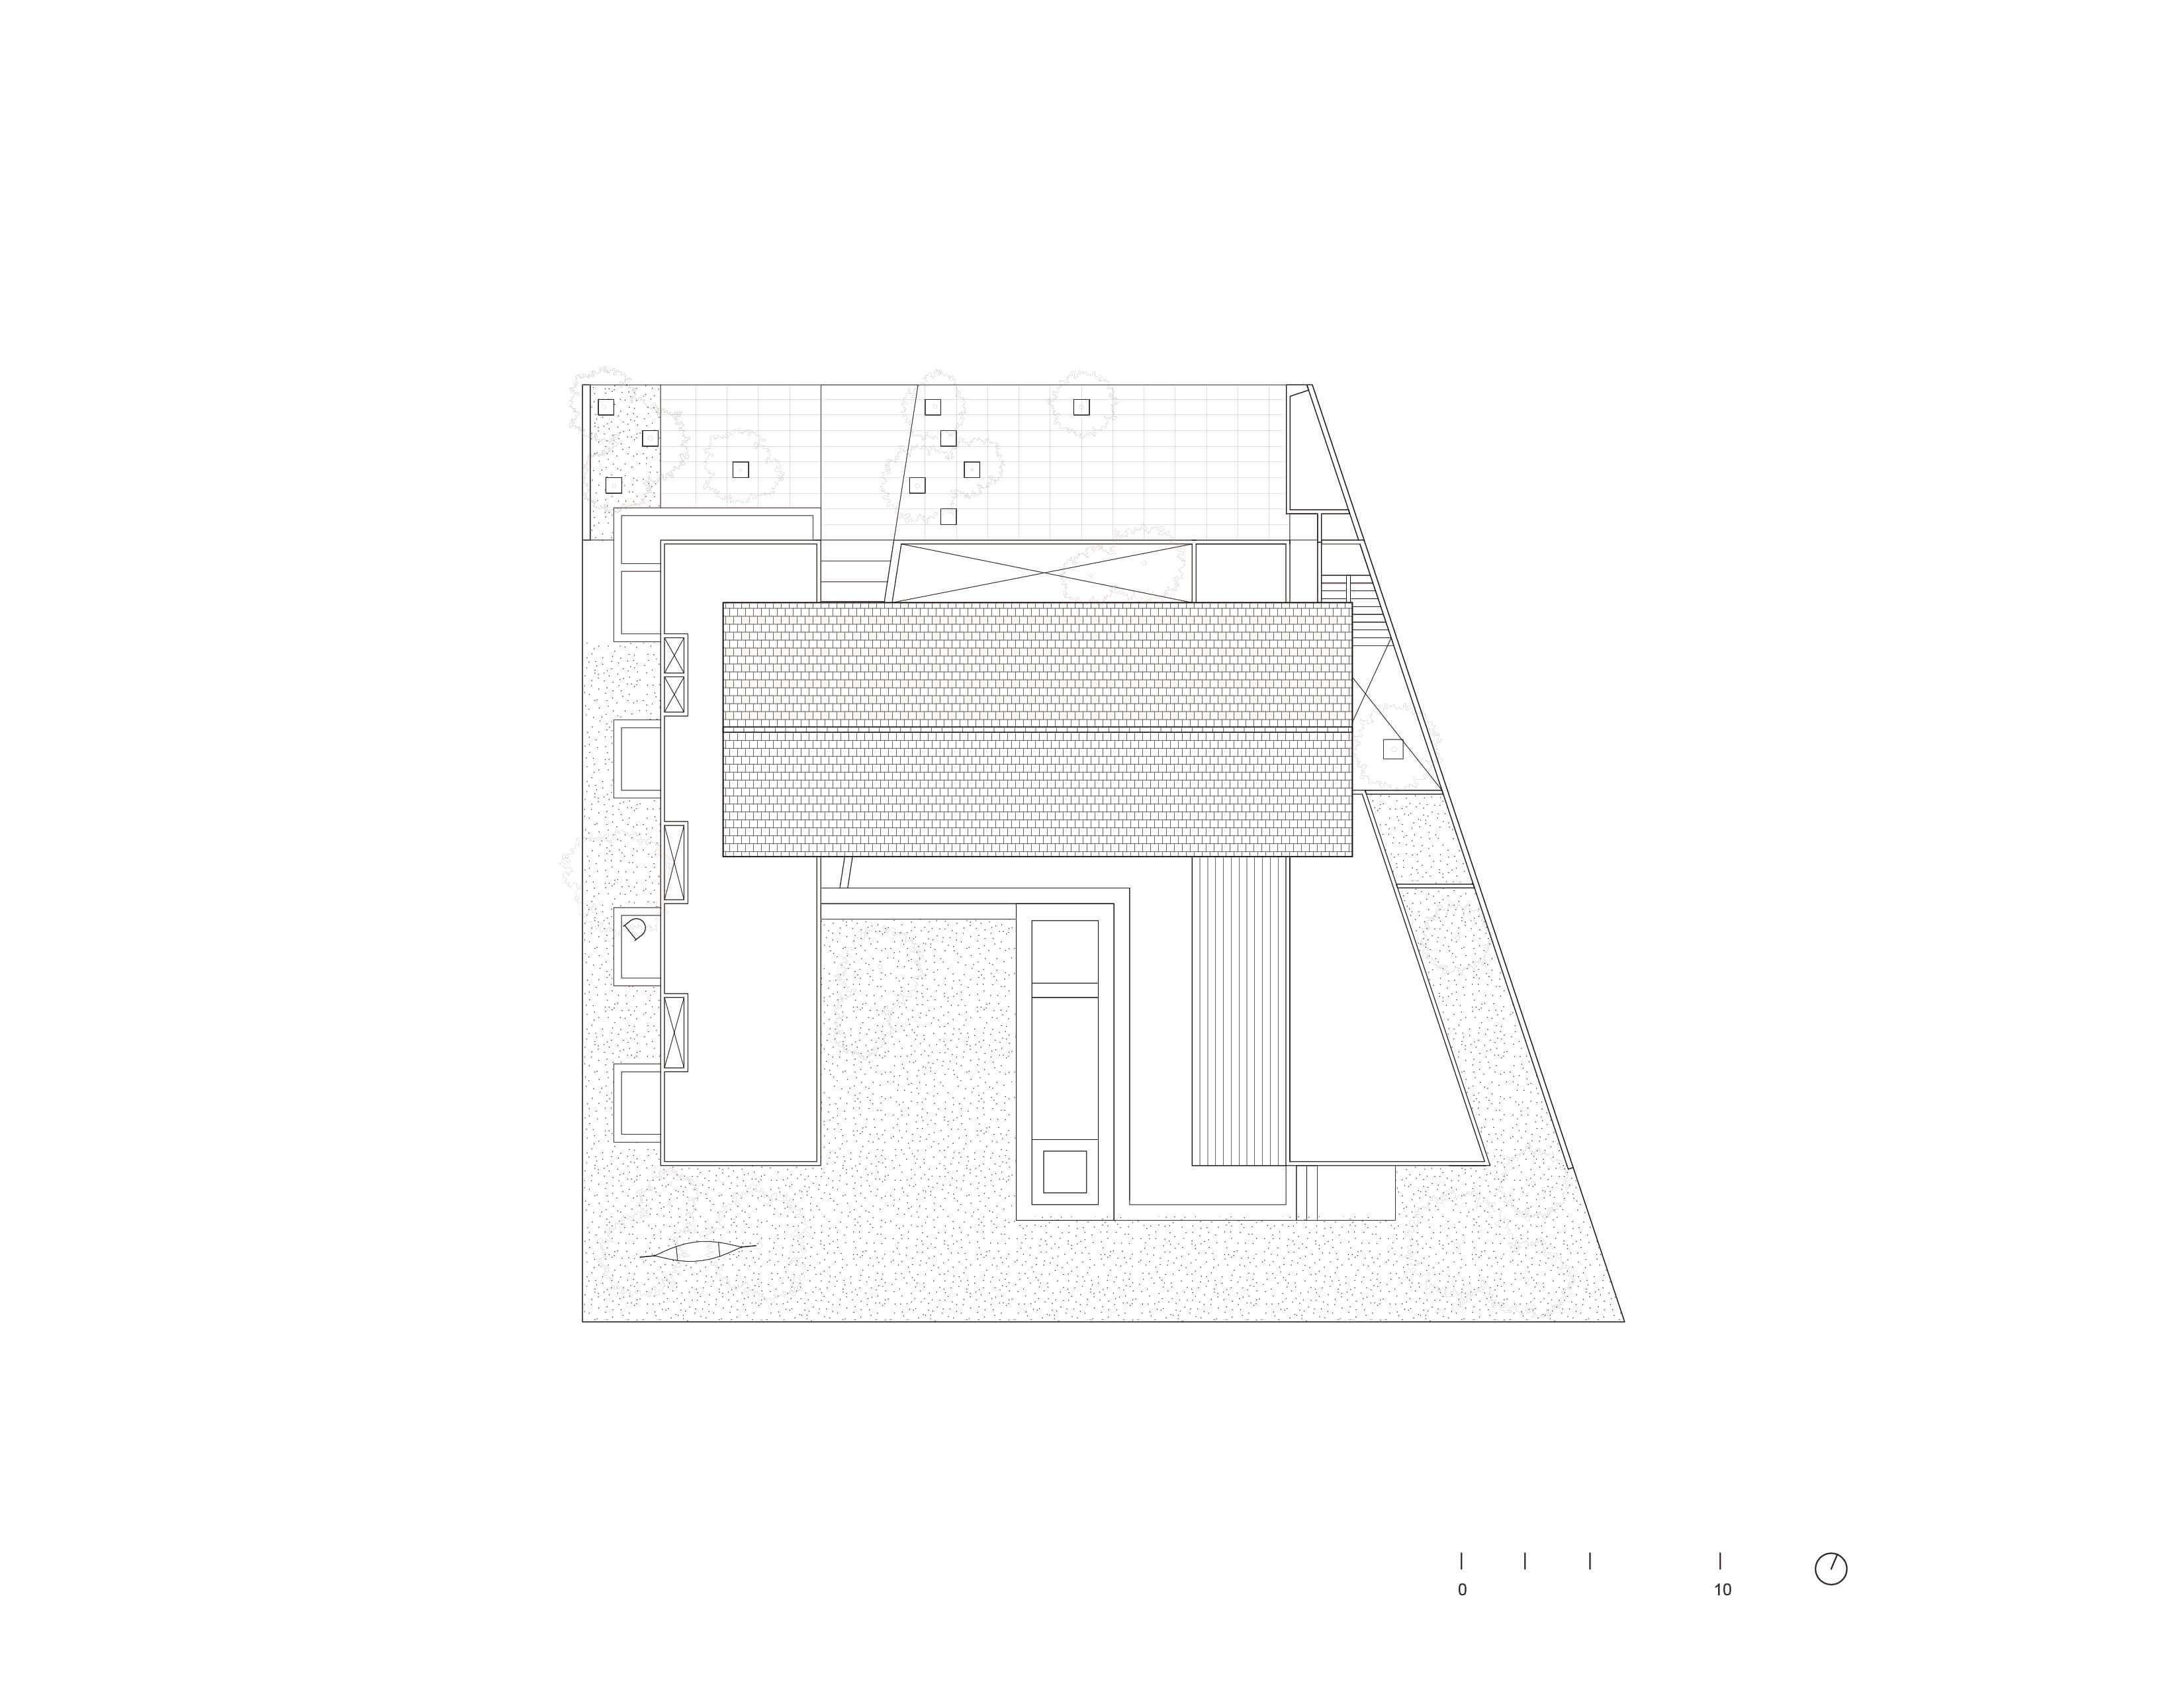 Roof Plan Bernardo Quinzaños, Ignacio Urquiza, Centro de Colaboración Arquitectónica}